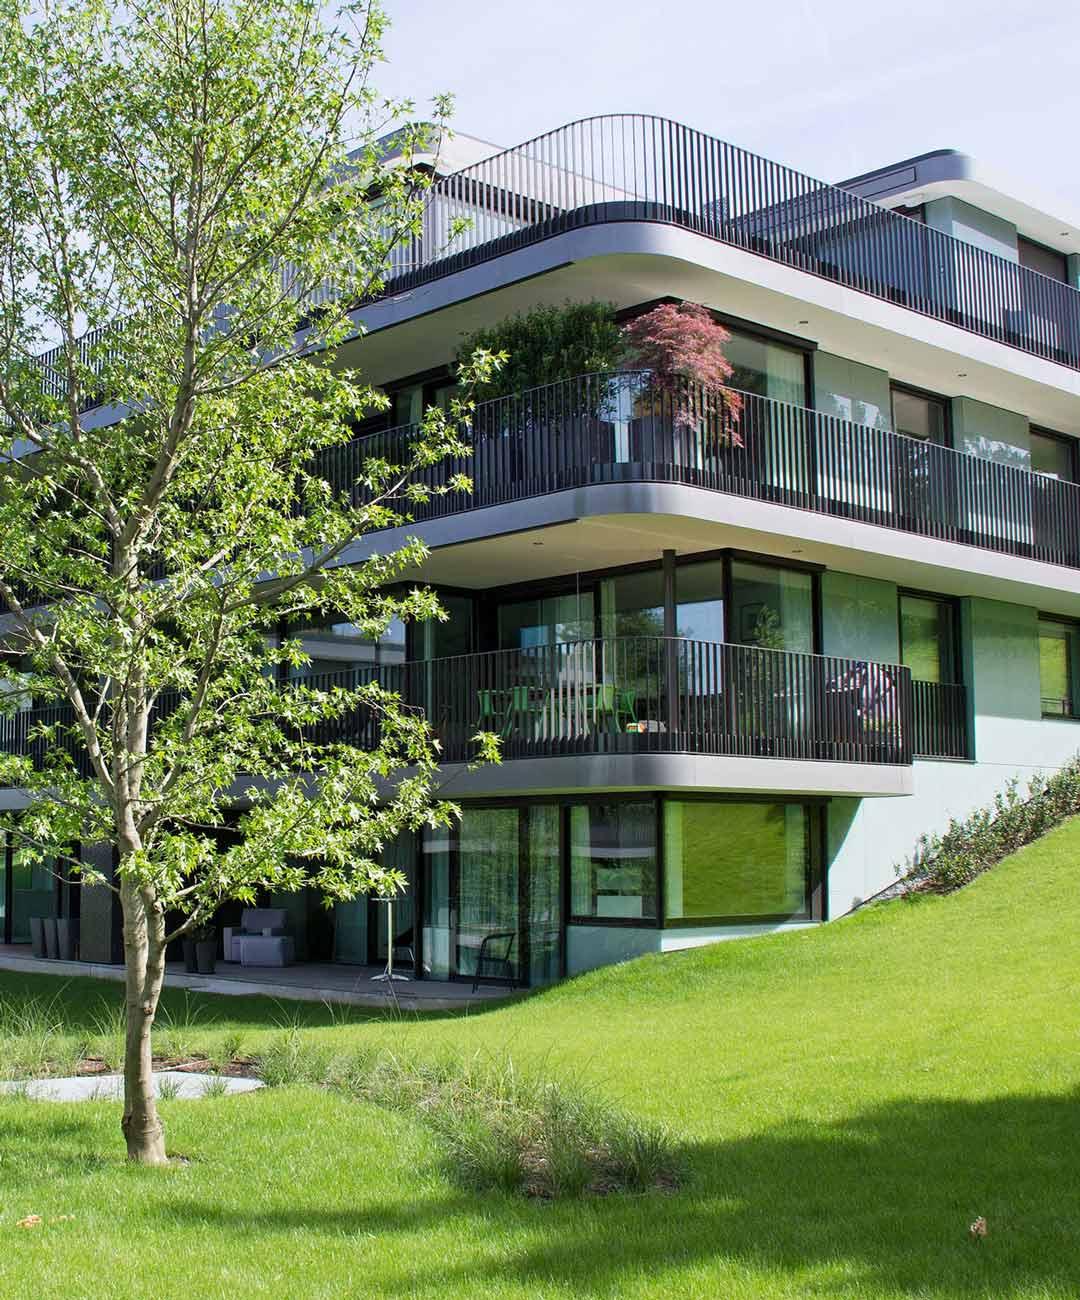 Totalunternehmung-Hamberberger-park-Zuerich-Fassade